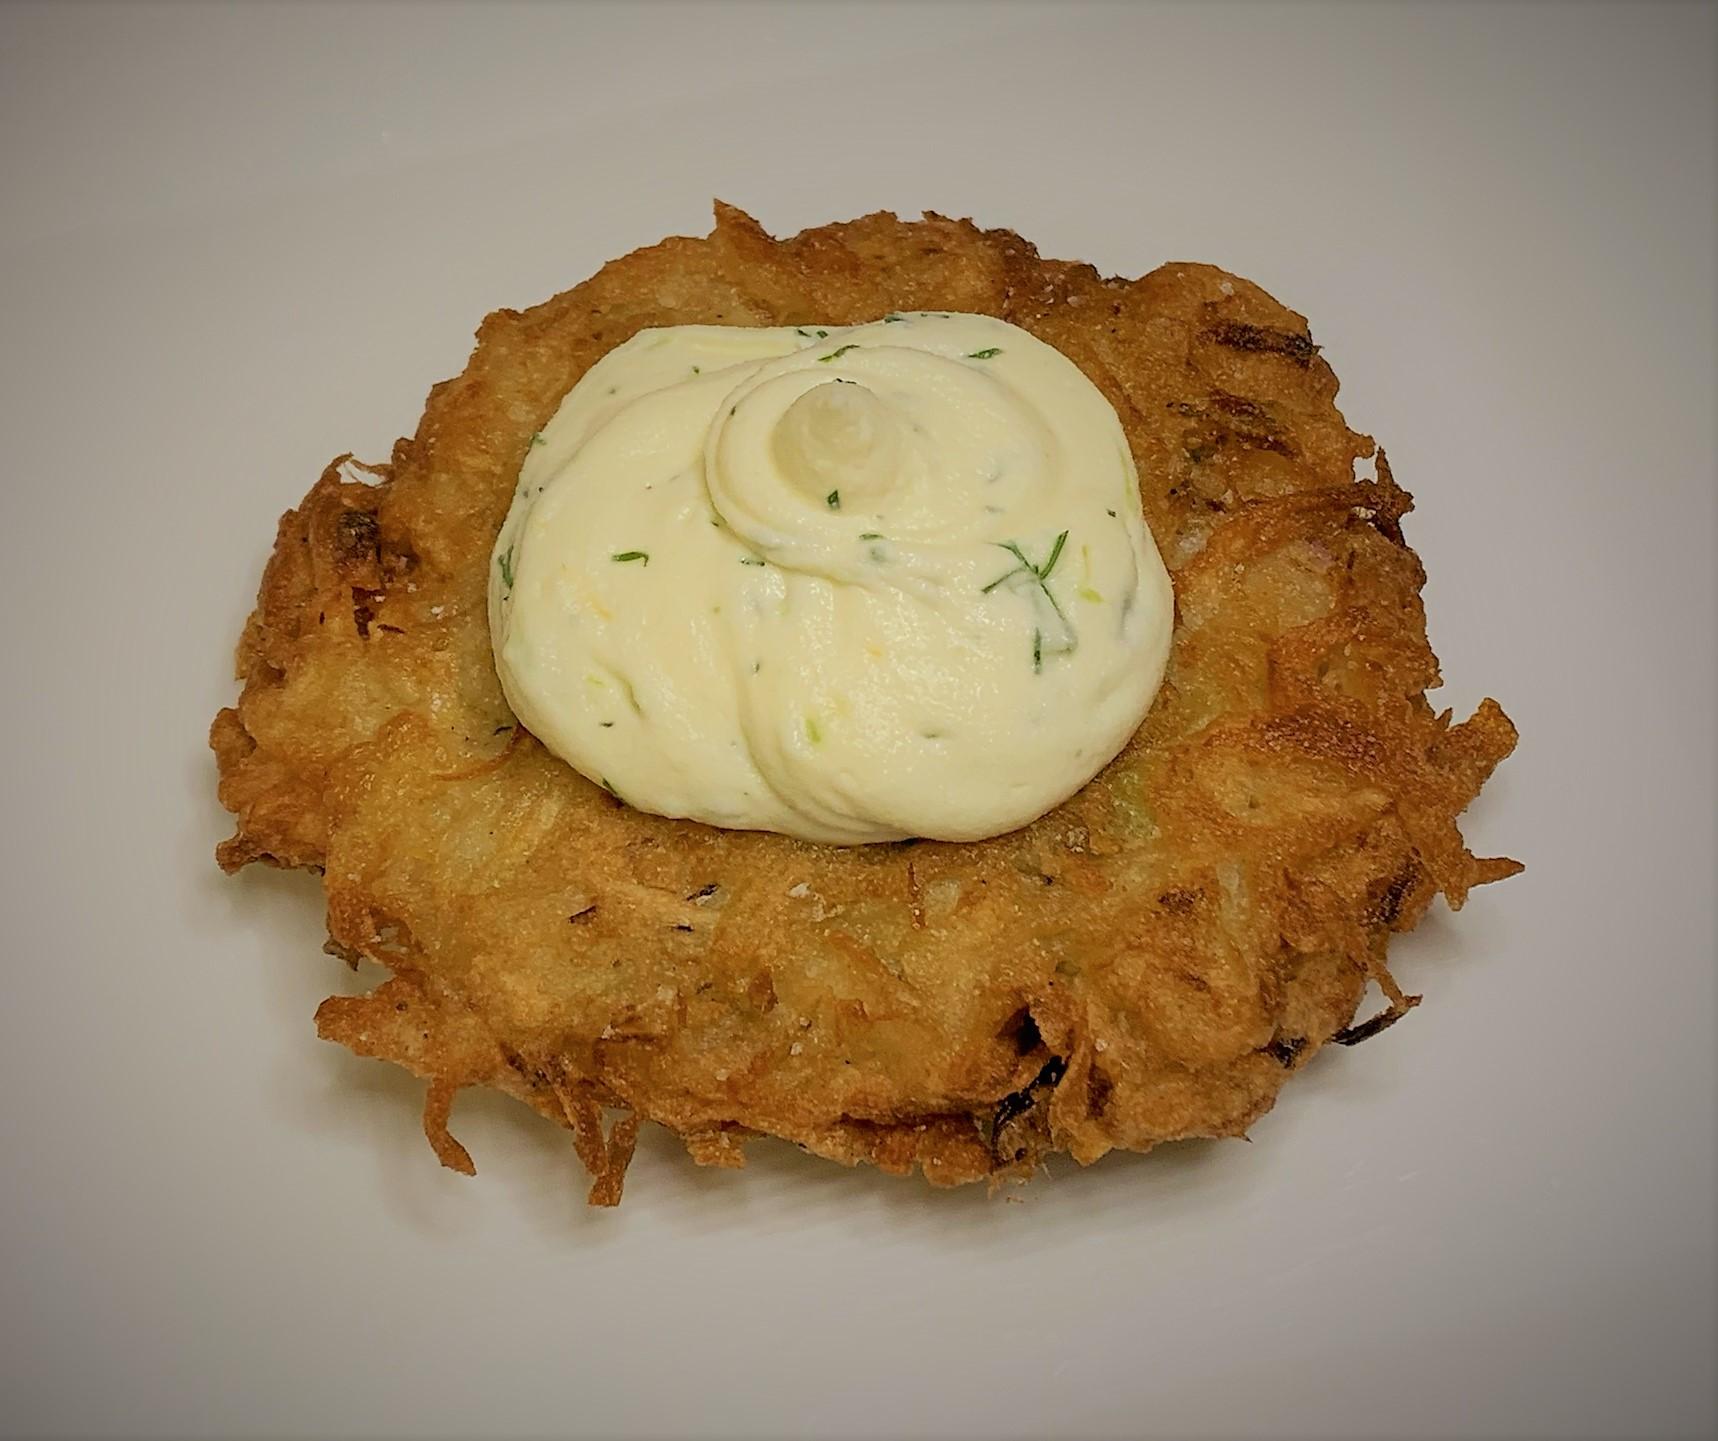 Adding the Citrus-Herb Cream Cheese to the Potato Latkes - Smoked Salmon Potato Latkes